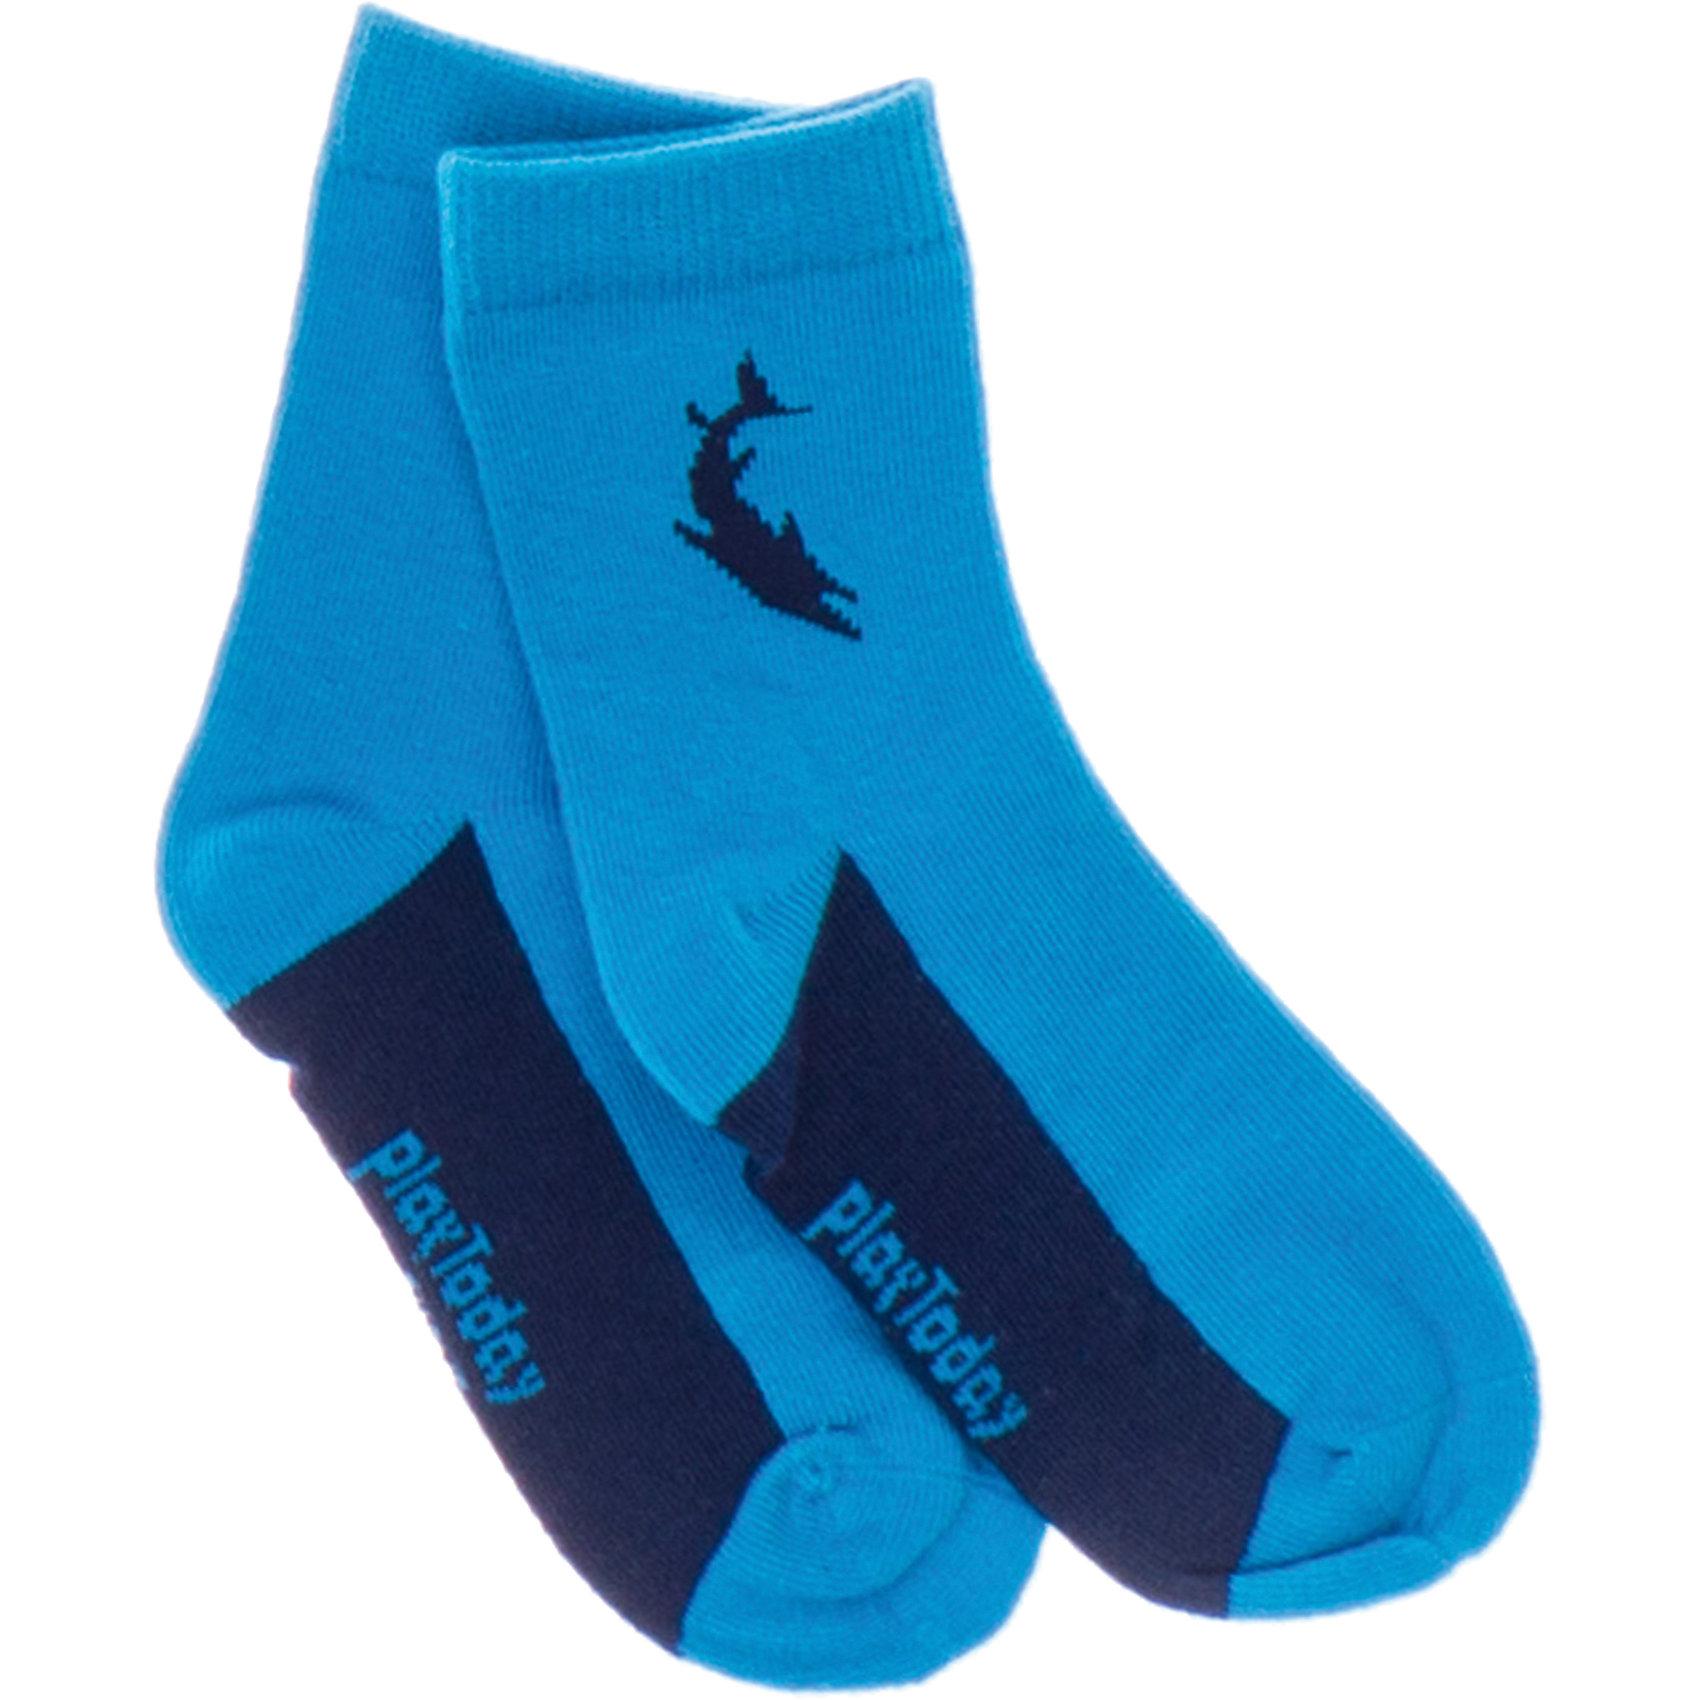 Носки для мальчика PlayTodayНоски для мальчика PlayToday <br><br>Состав: 75% хлопок, 22% нейлон, 3% эластан <br><br>Яркие хлопковые носки. <br>Легкие и удобные.<br><br>Ширина мм: 87<br>Глубина мм: 10<br>Высота мм: 105<br>Вес г: 115<br>Цвет: синий<br>Возраст от месяцев: 60<br>Возраст до месяцев: 84<br>Пол: Мужской<br>Возраст: Детский<br>Размер: 98/104,110/116,122/128<br>SKU: 4502692